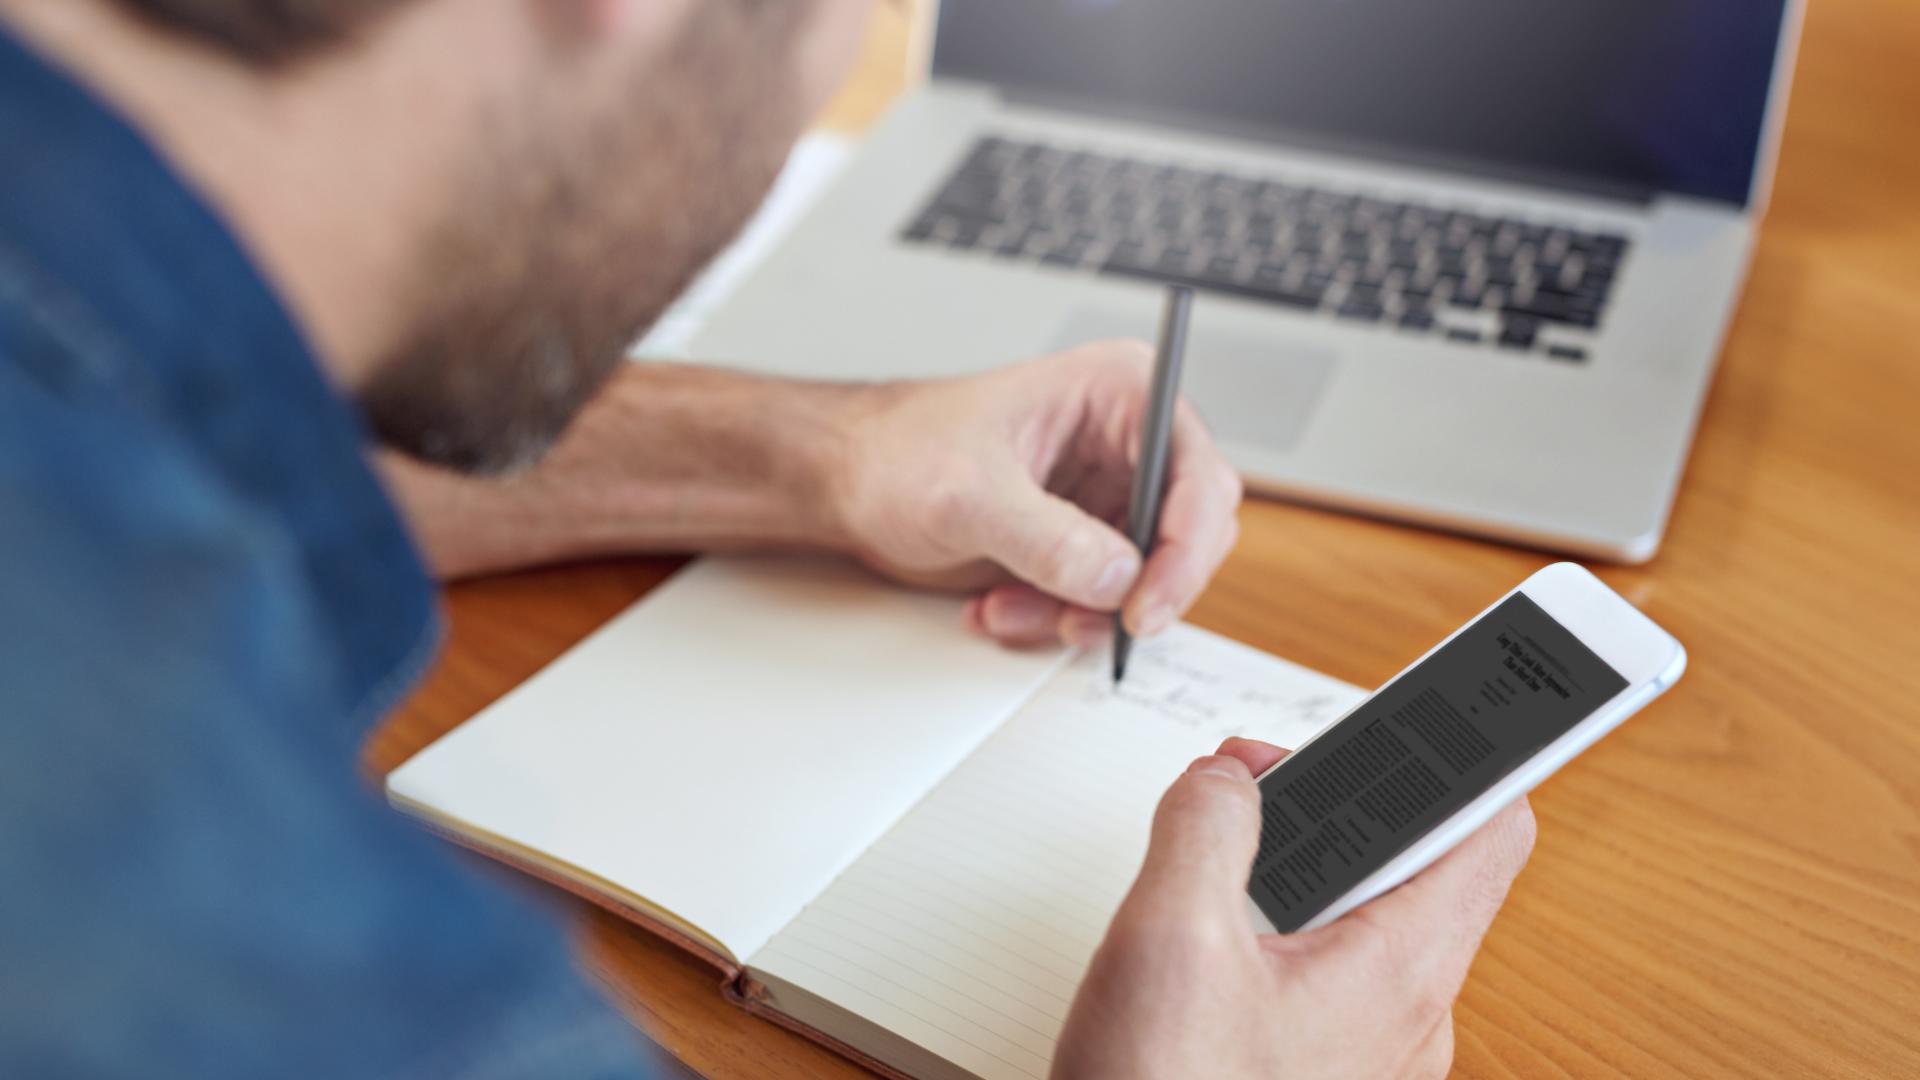 Como tirar sua ideia do papel - Dicas para aprender a priorizar tarefas.